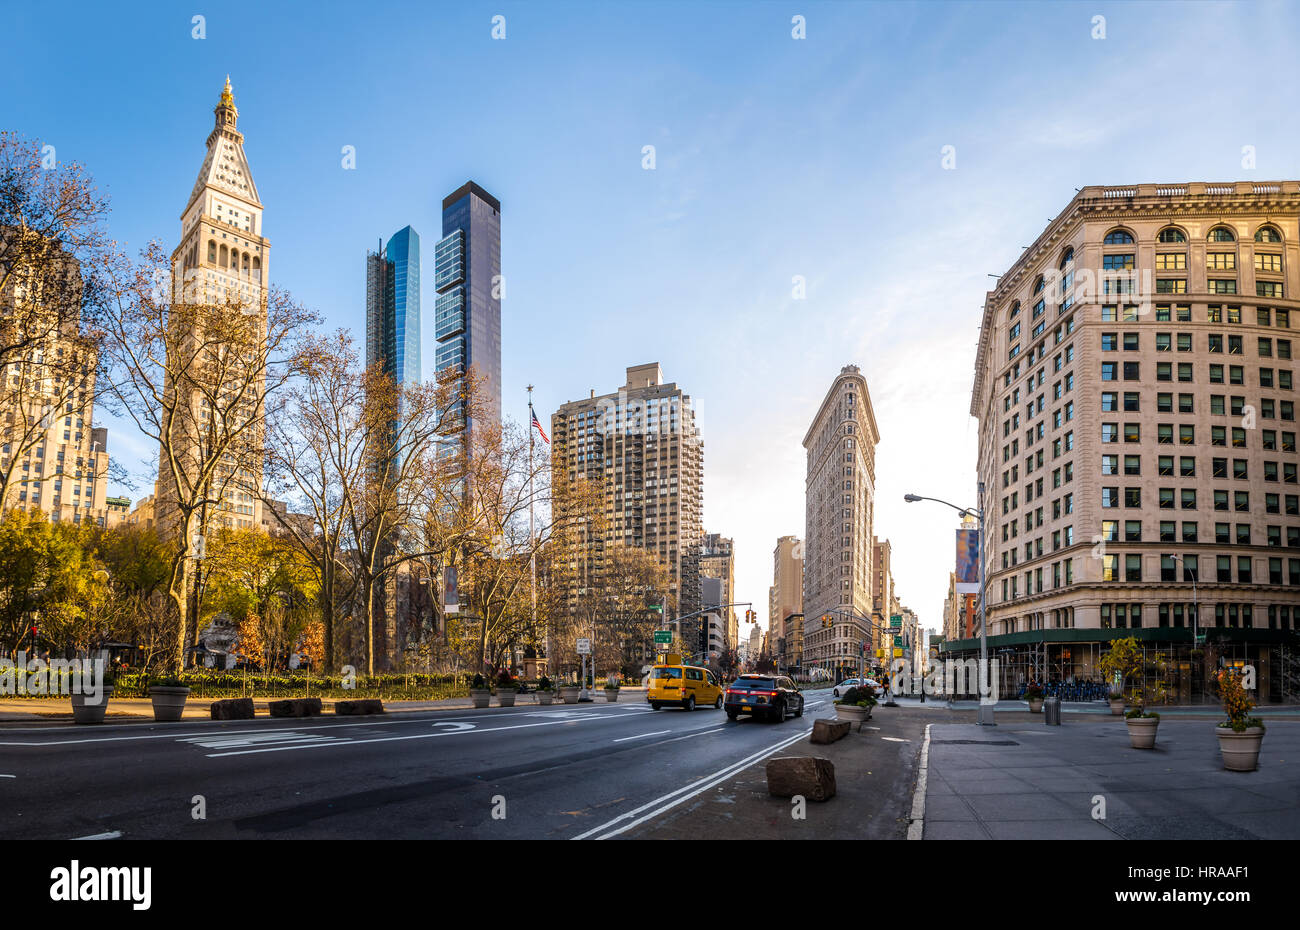 Los edificios alrededor de Madison Square Park - La Ciudad de Nueva York, EE.UU. Imagen De Stock